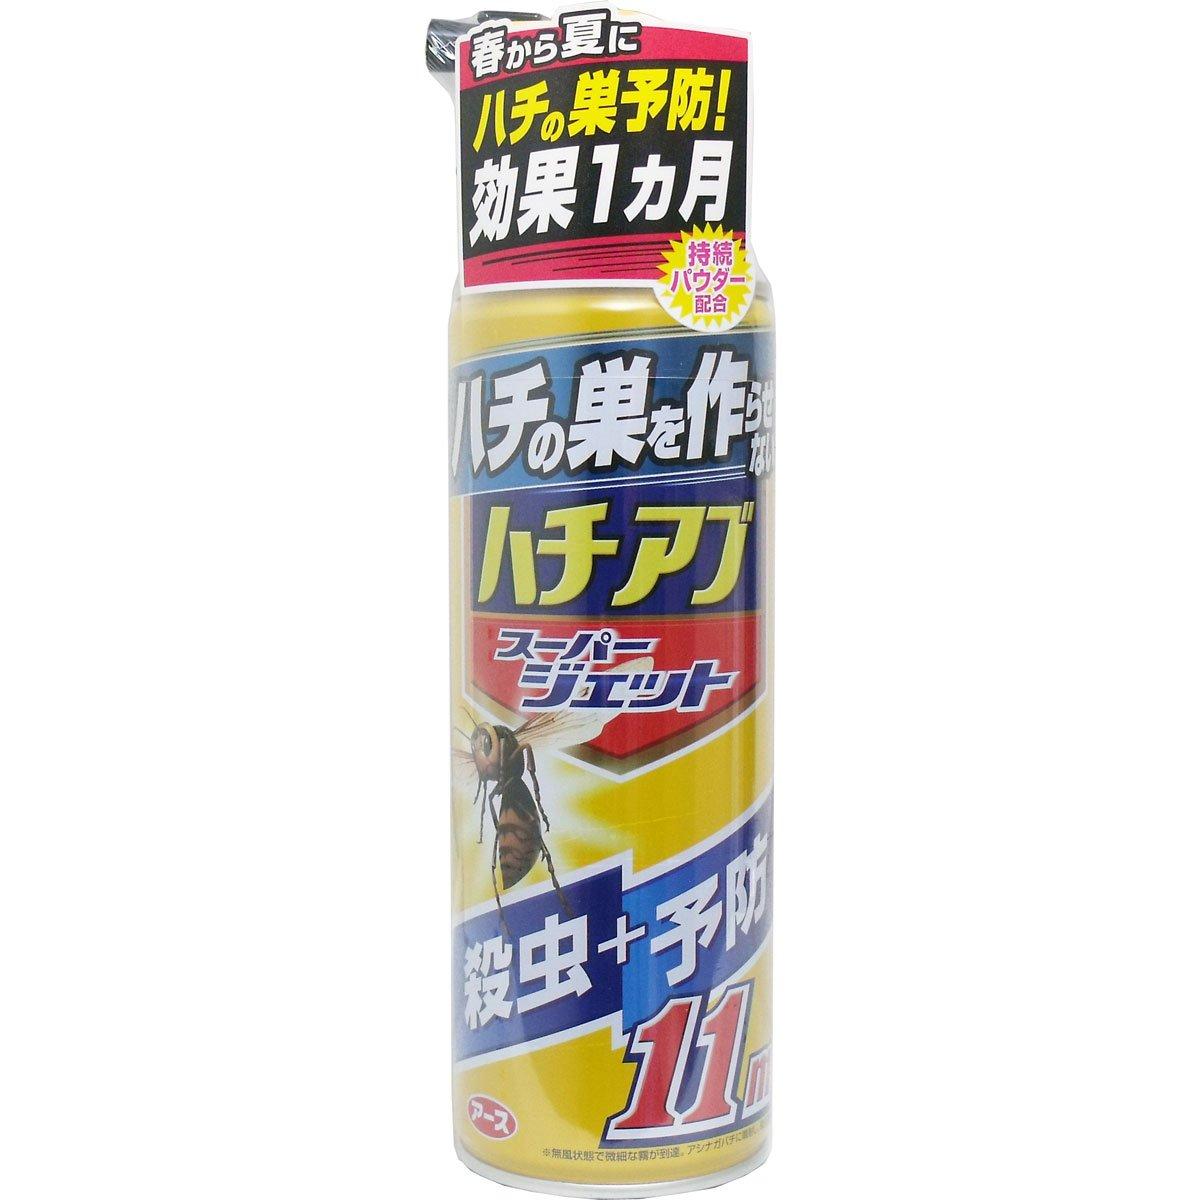 【アース製薬】ハチの巣を作らせない ハチアブ スーパージェット 455mL ×20個セット B00XTAQSJA